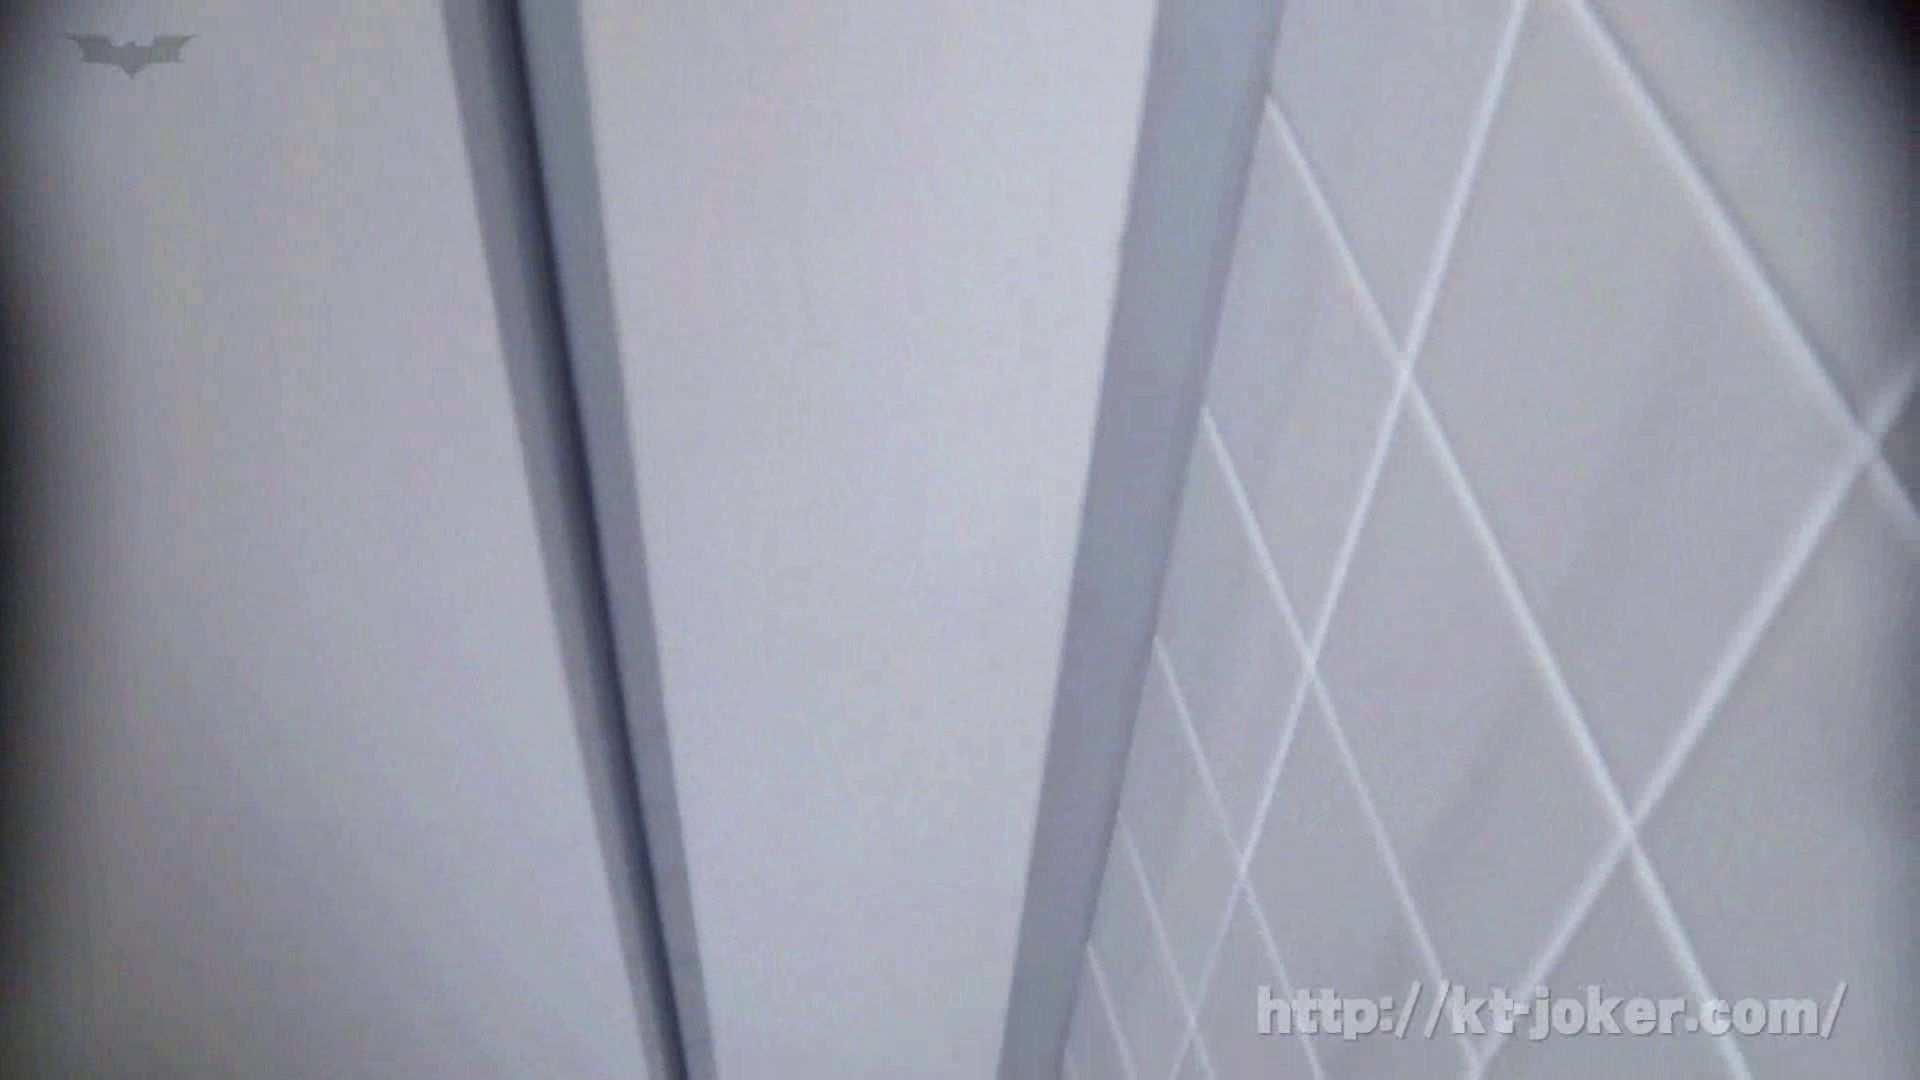 命がけ潜伏洗面所! vol.71 典型的な韓国人美女登場!! 美女のヌード | 洗面所はめどり  97画像 89